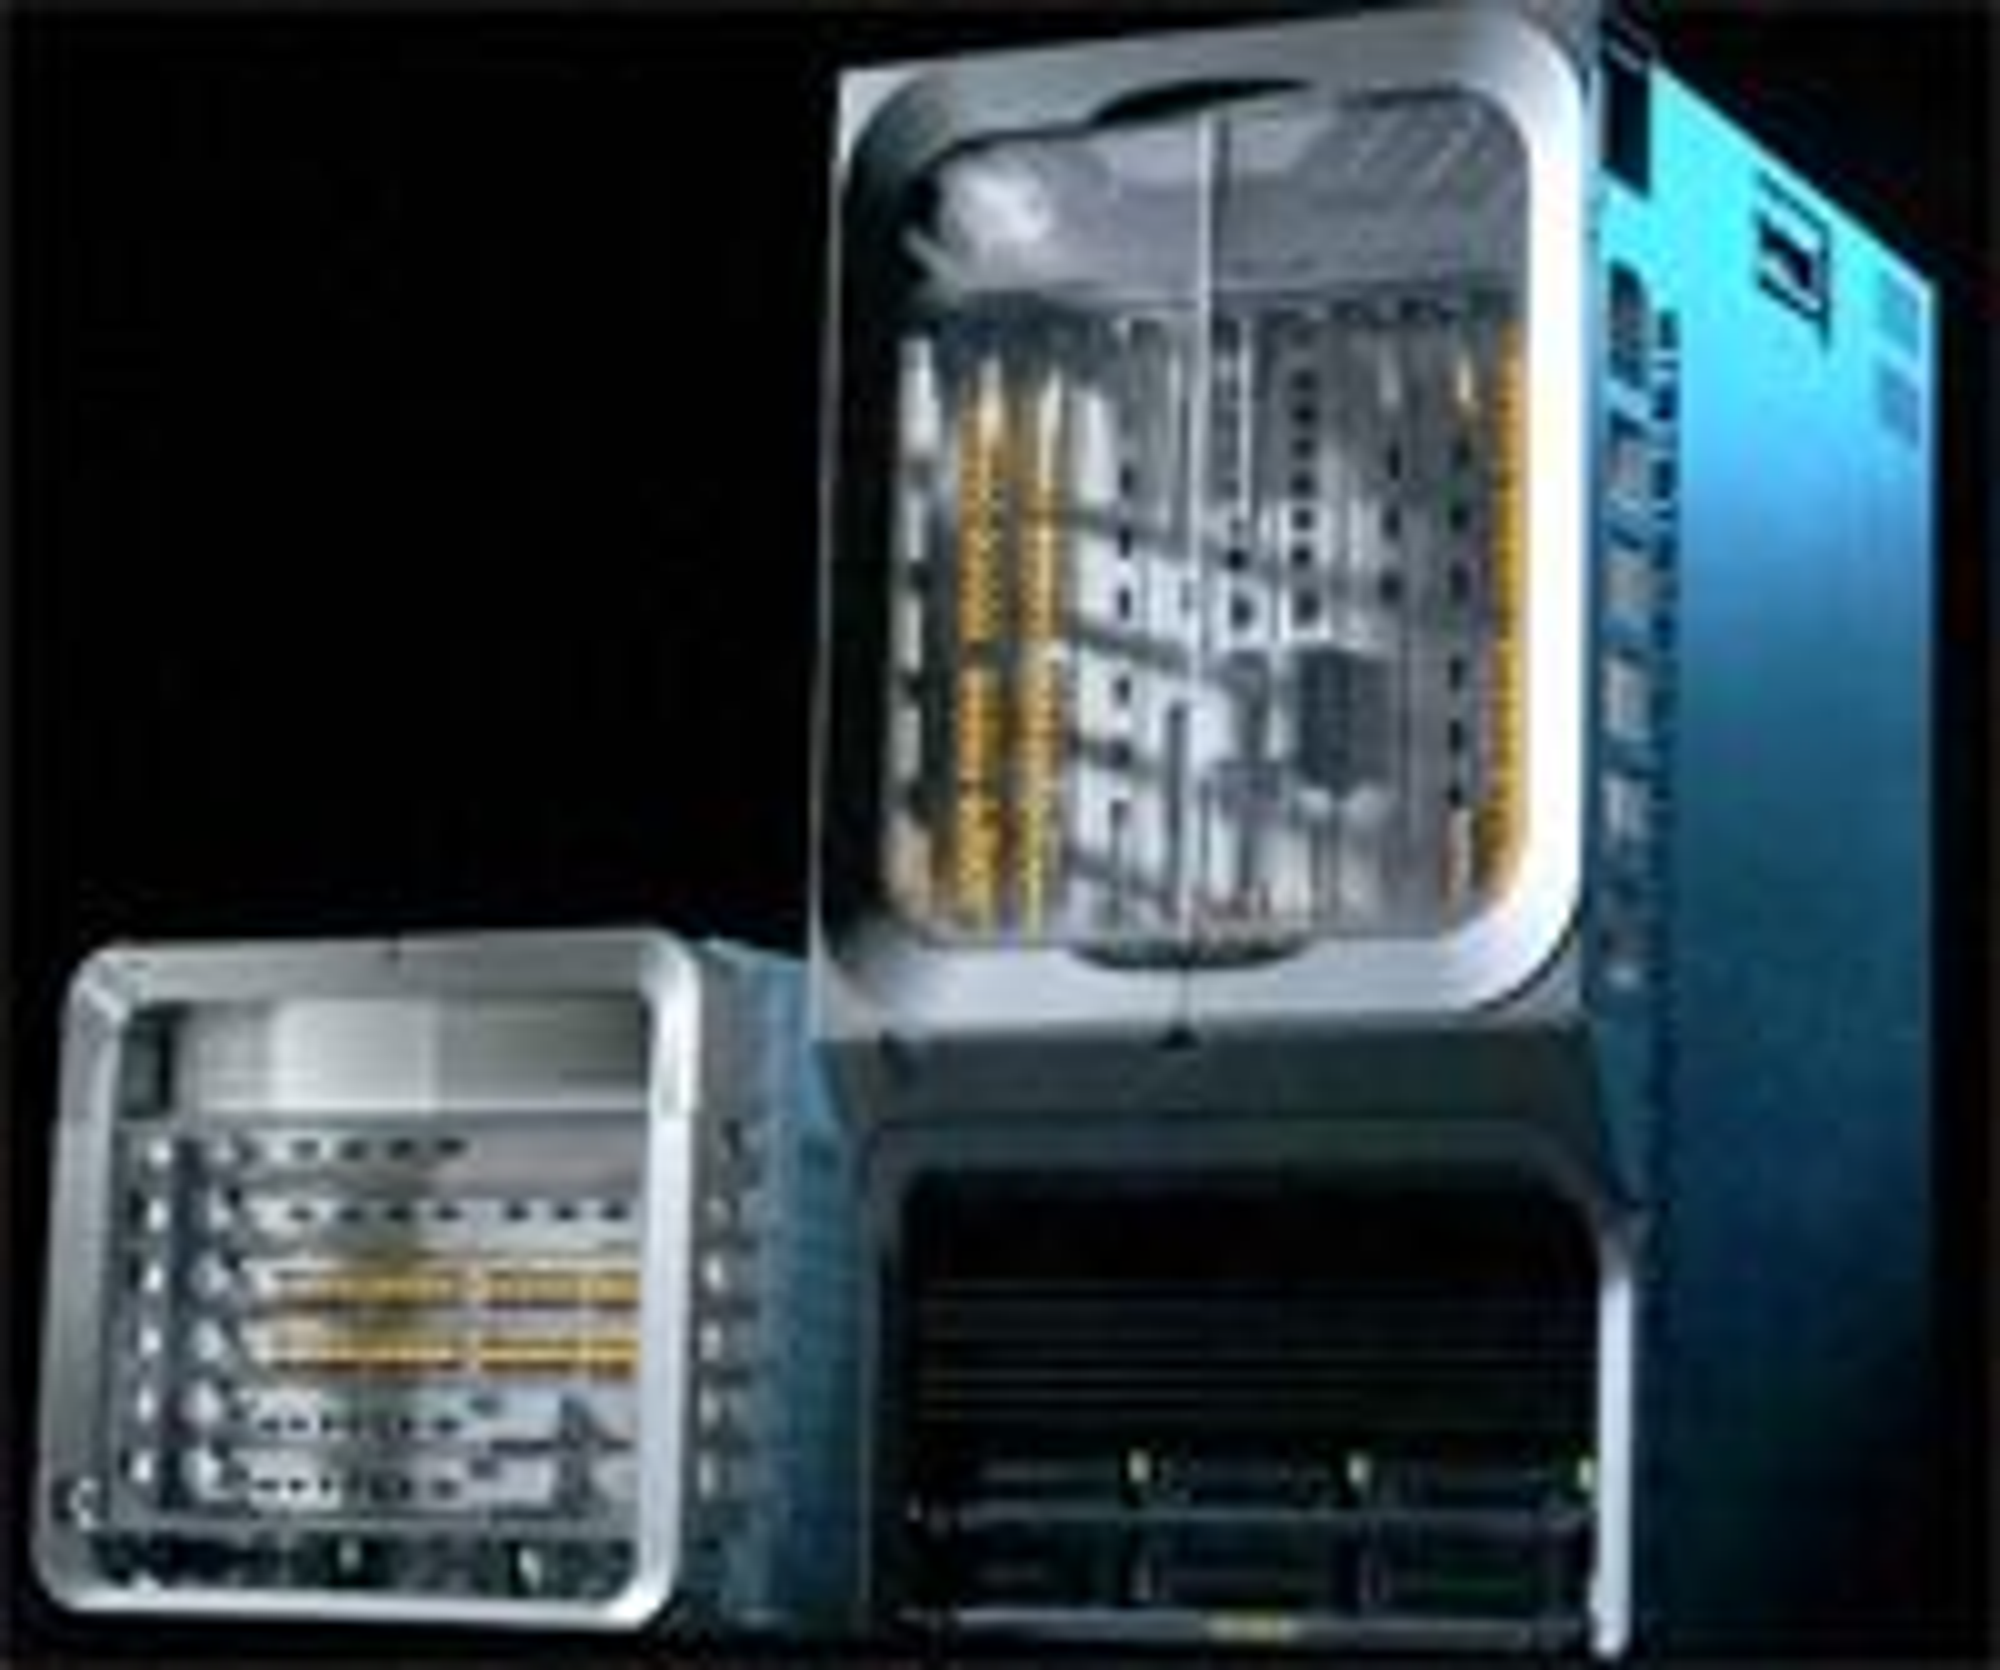 Den nye serien kommer i utgaver med seks (ASR 9006) eller ti utganger (ASR 9010). Foto: Cisco.